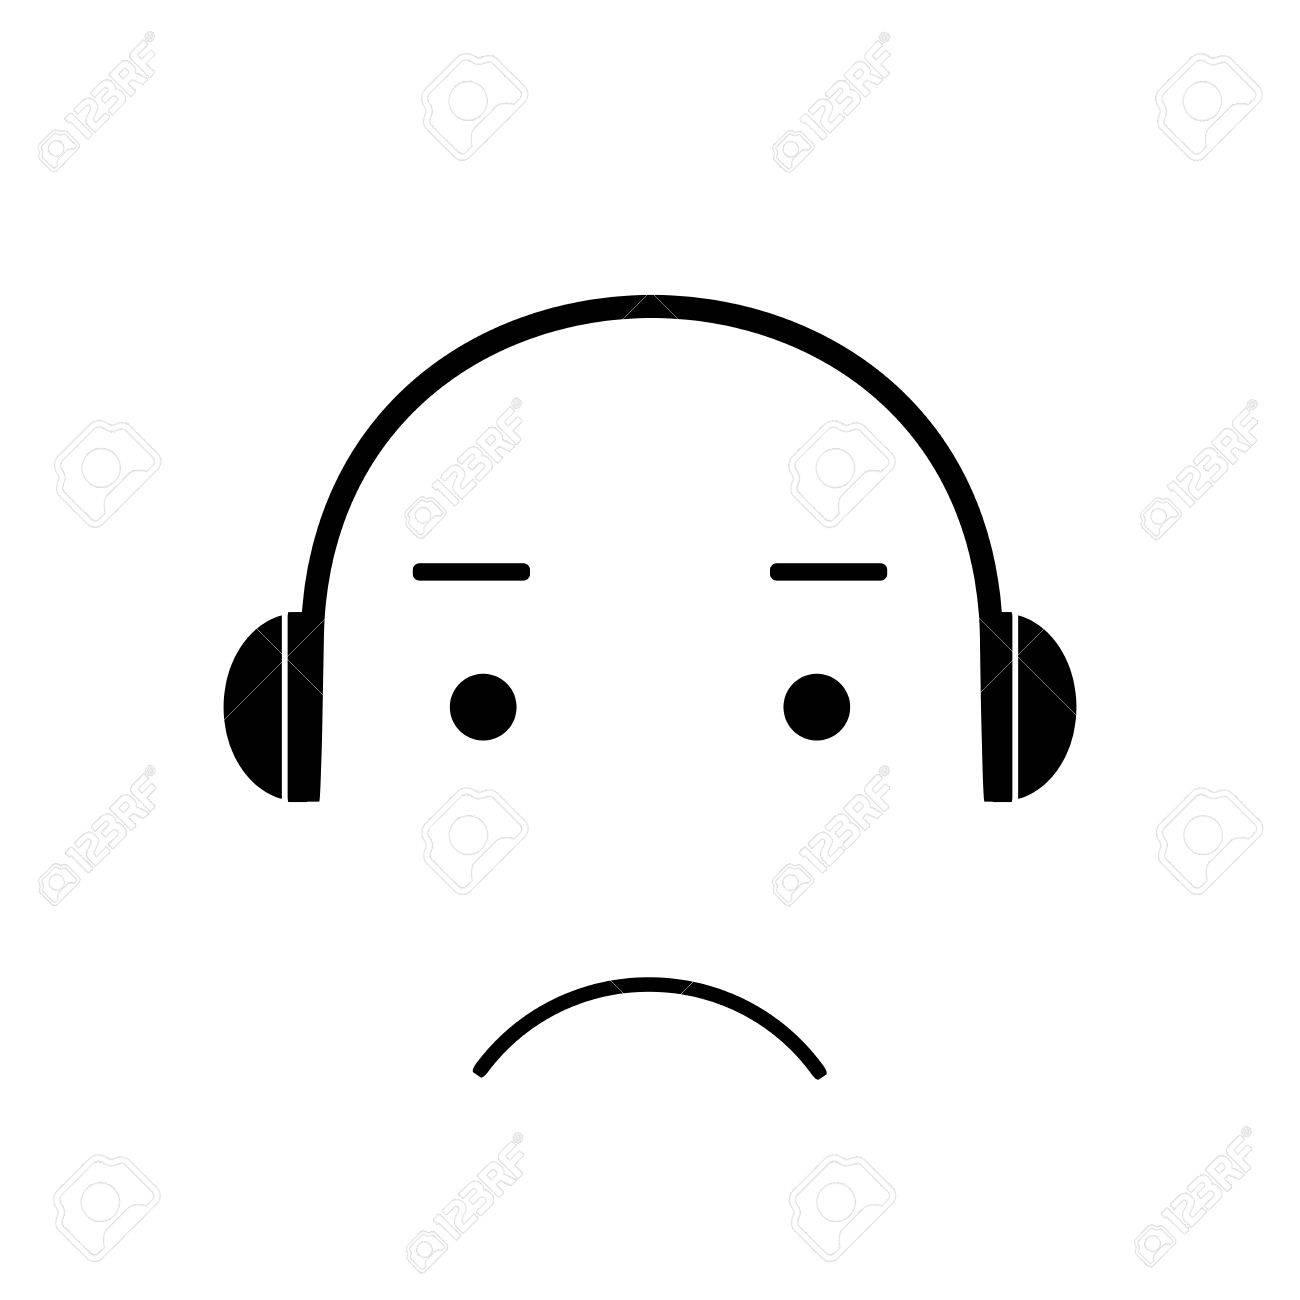 Emoji Icone Mauvaise Musique Visage Emoji Melomane Ecoute De La Musique Avec Un Casque Emoticones Illustration Vectorielle Musique Icone Vecteur De Musique Clip Art Libres De Droits Vecteurs Et Illustration Image 55126354